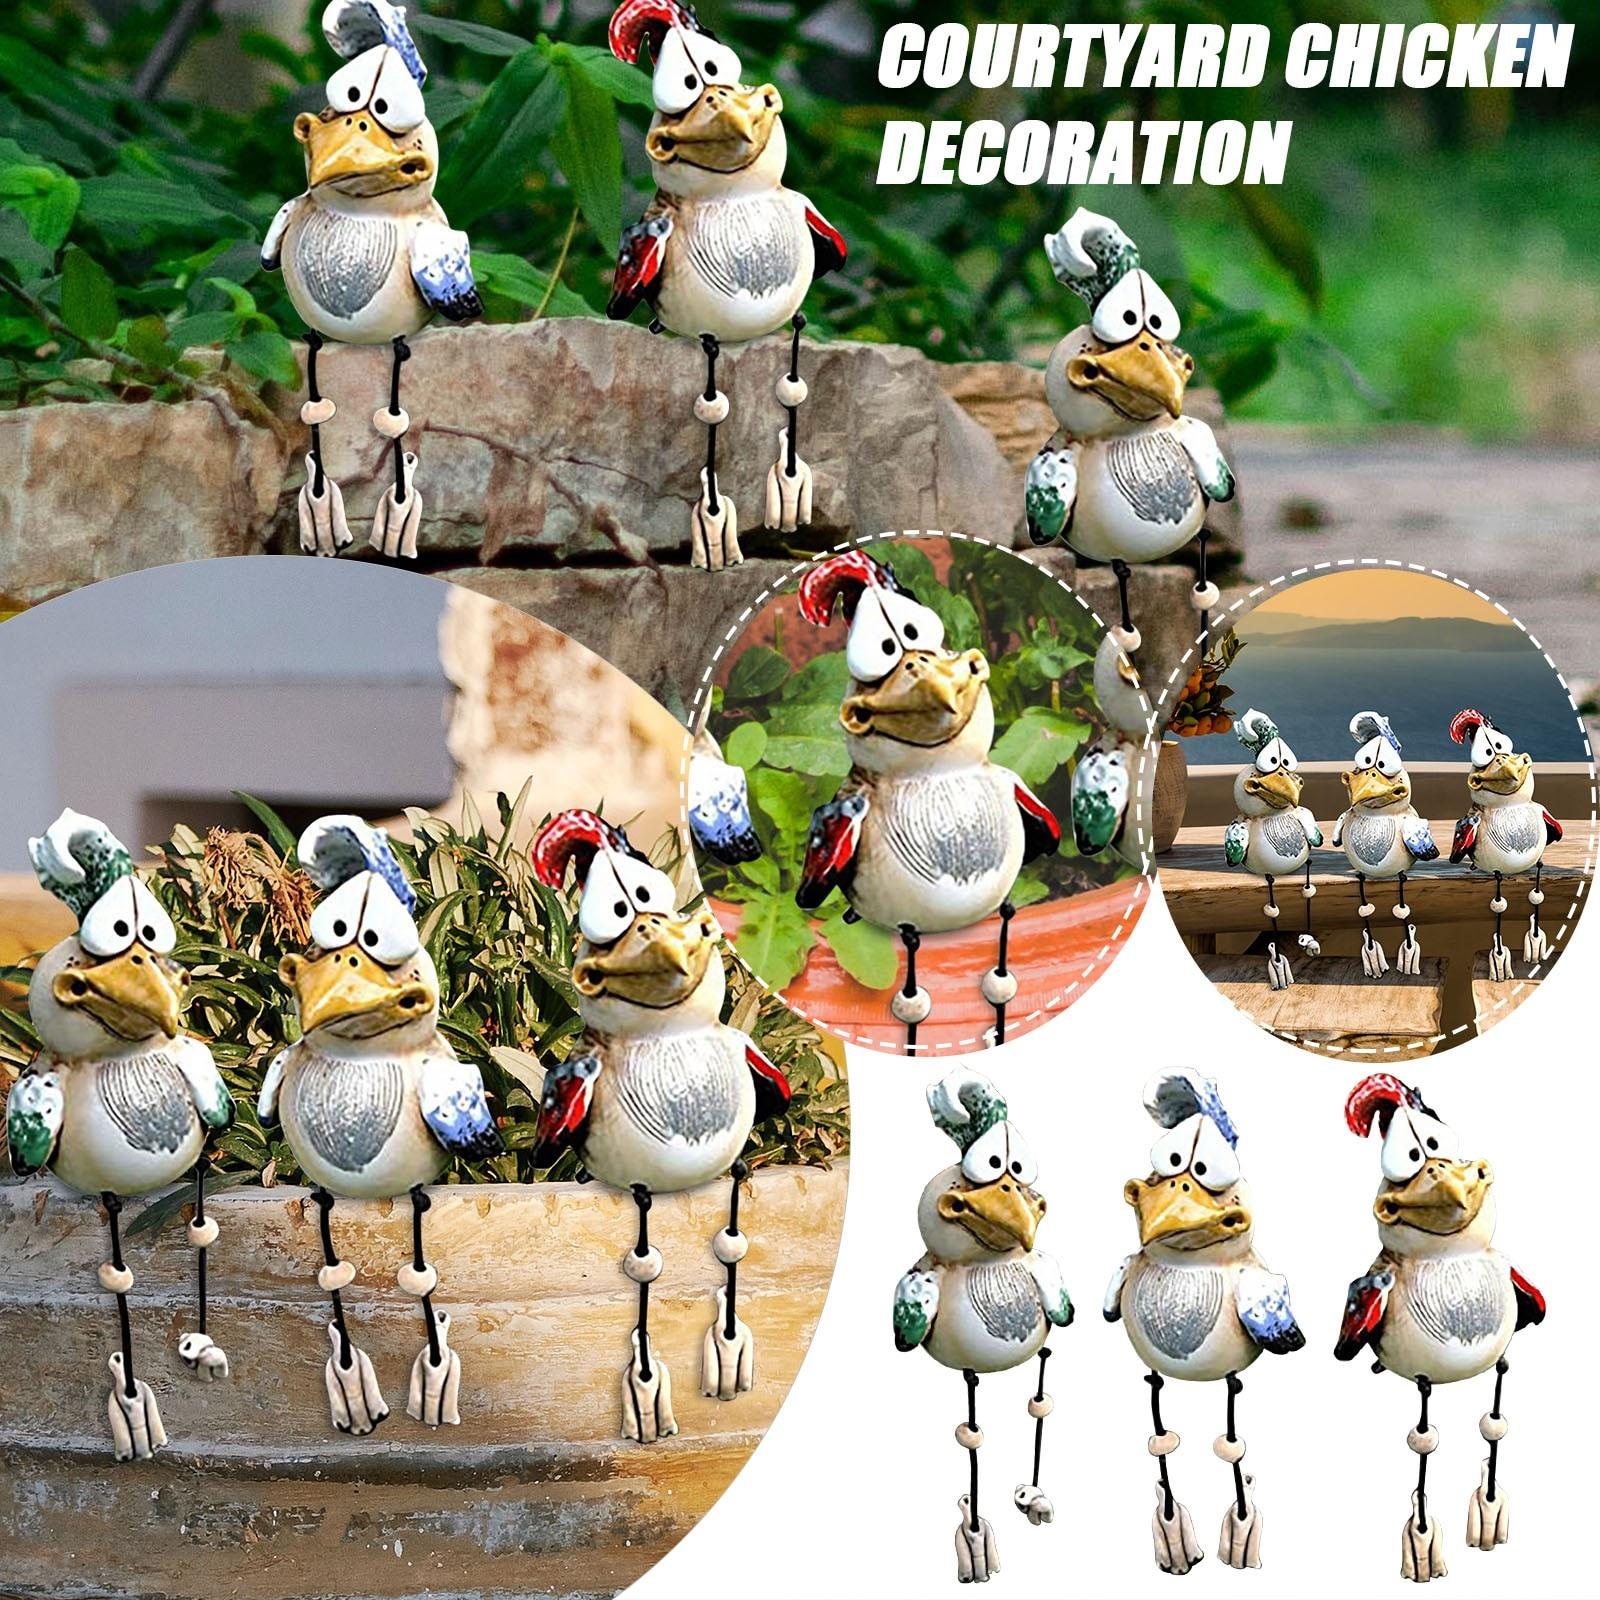 2021 New Chicken Farm Farm Art-Backyard Decoration Courtyard Chicken Decoration Garden Statues Outdoor Yard Landscape Sculptures